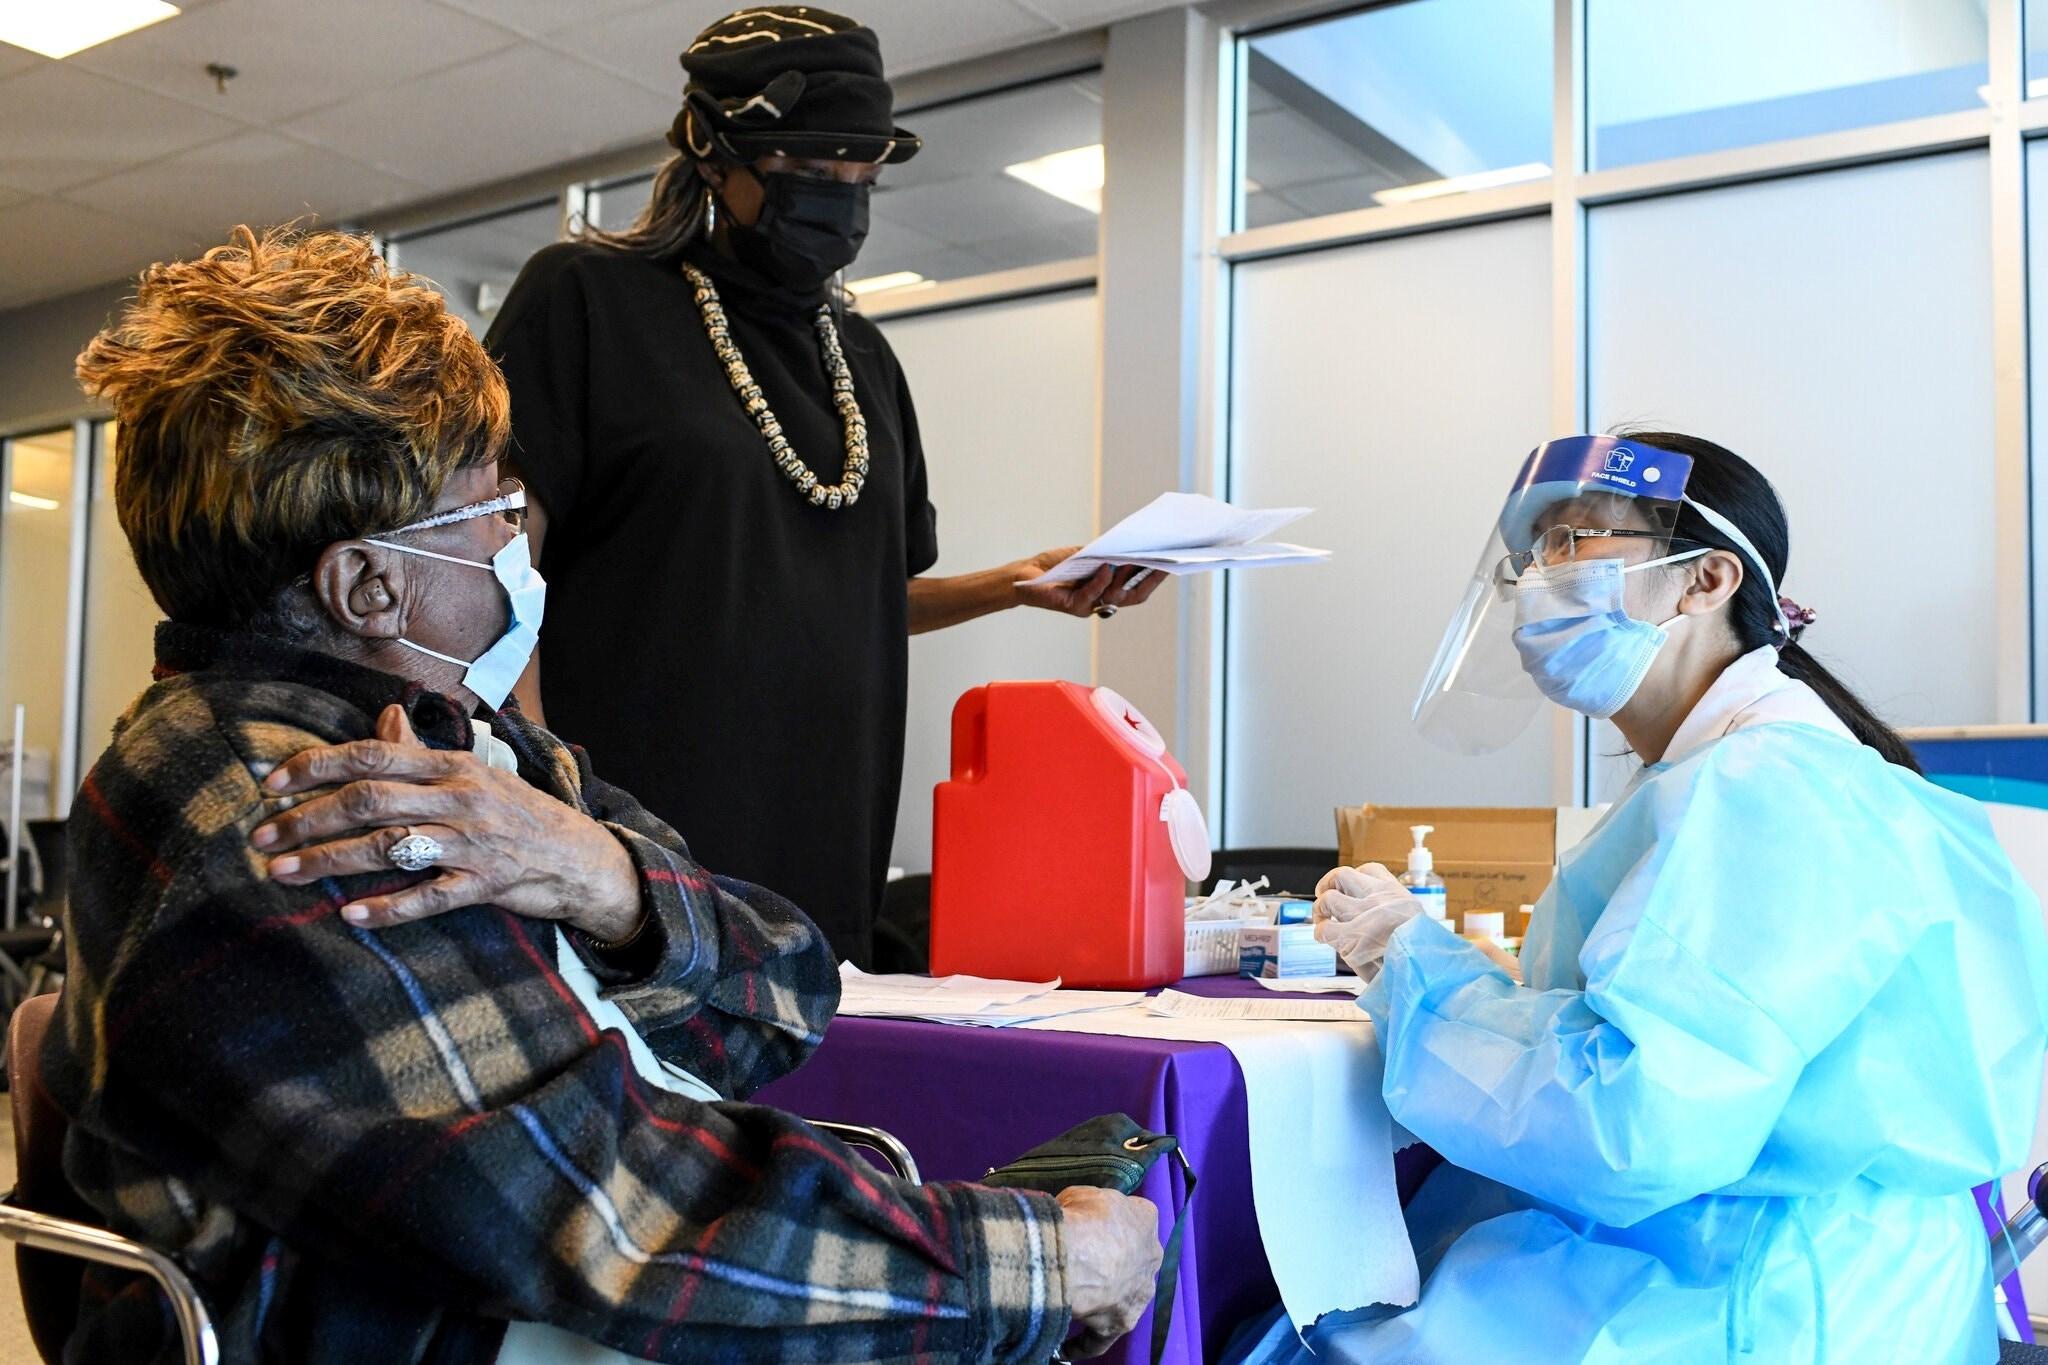 مواطنة أميركية وابنتها تتلقان اللقاح في واشنطن - الصورة لنيويورك تايمز.